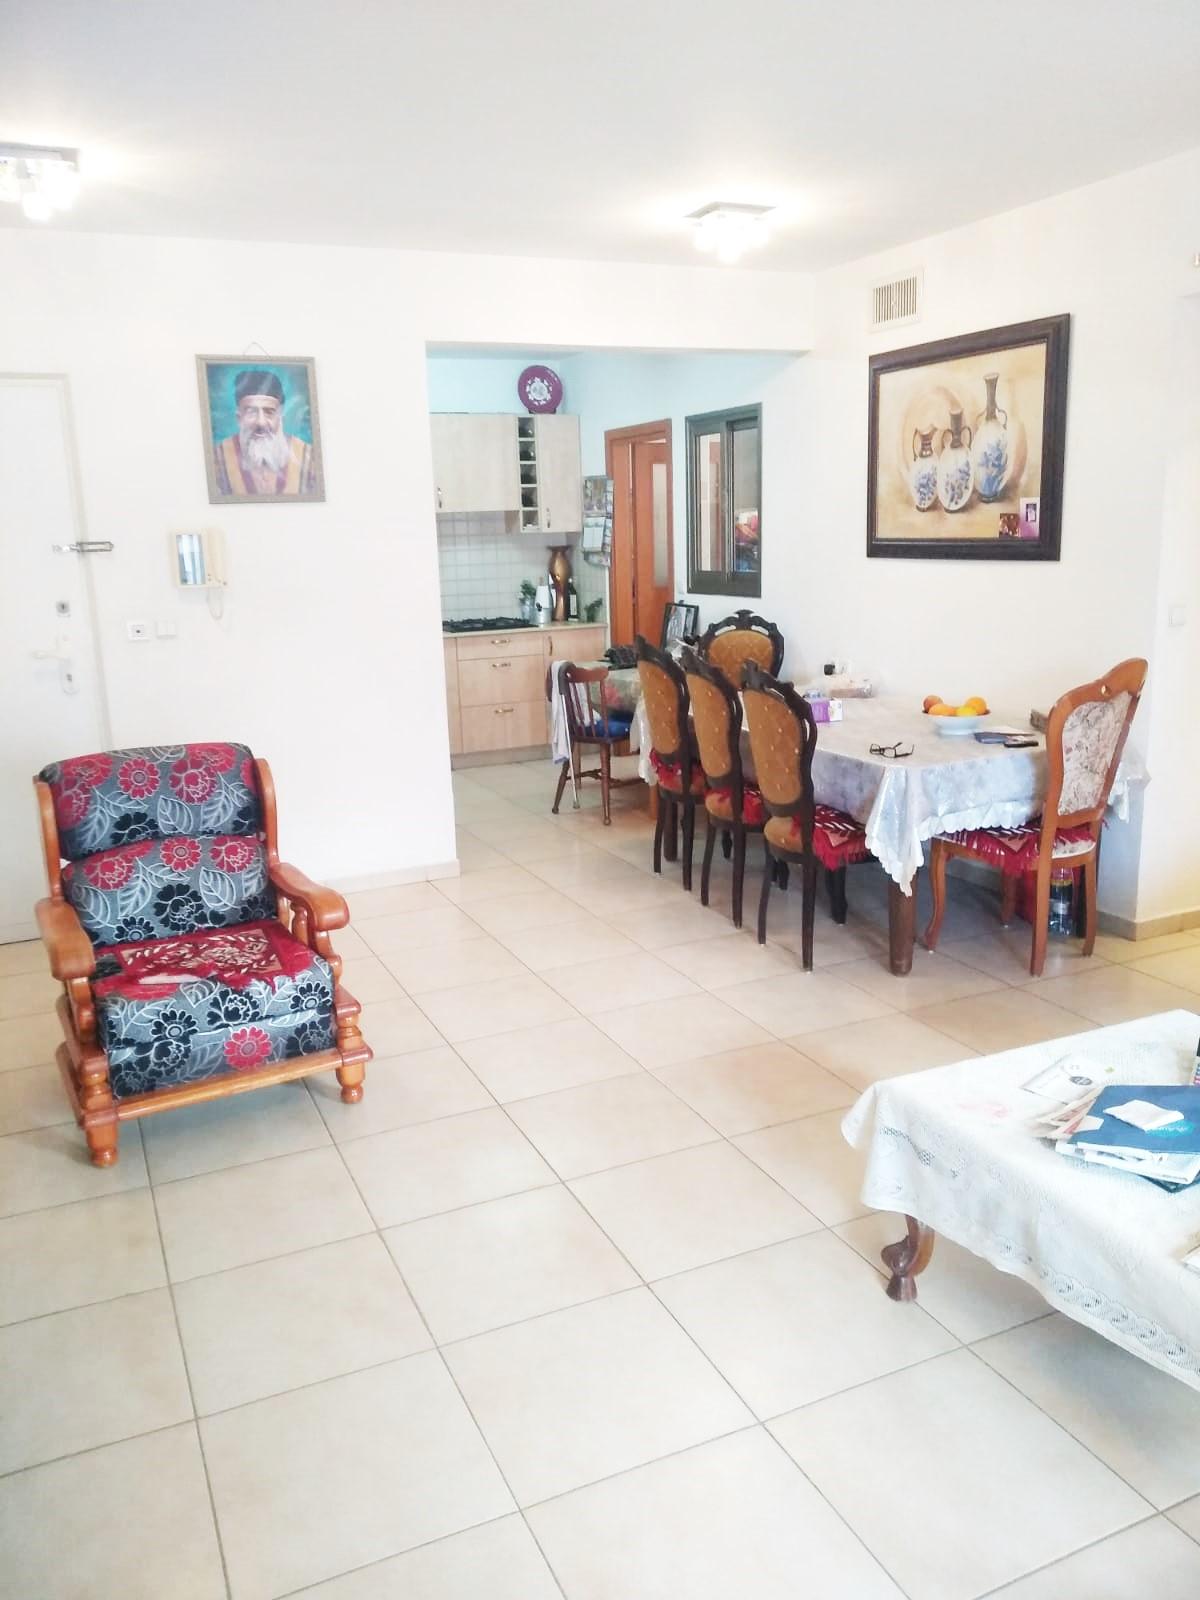 חולון דירה למכירה 3.5 חדרים 1,820,000₪, חולון